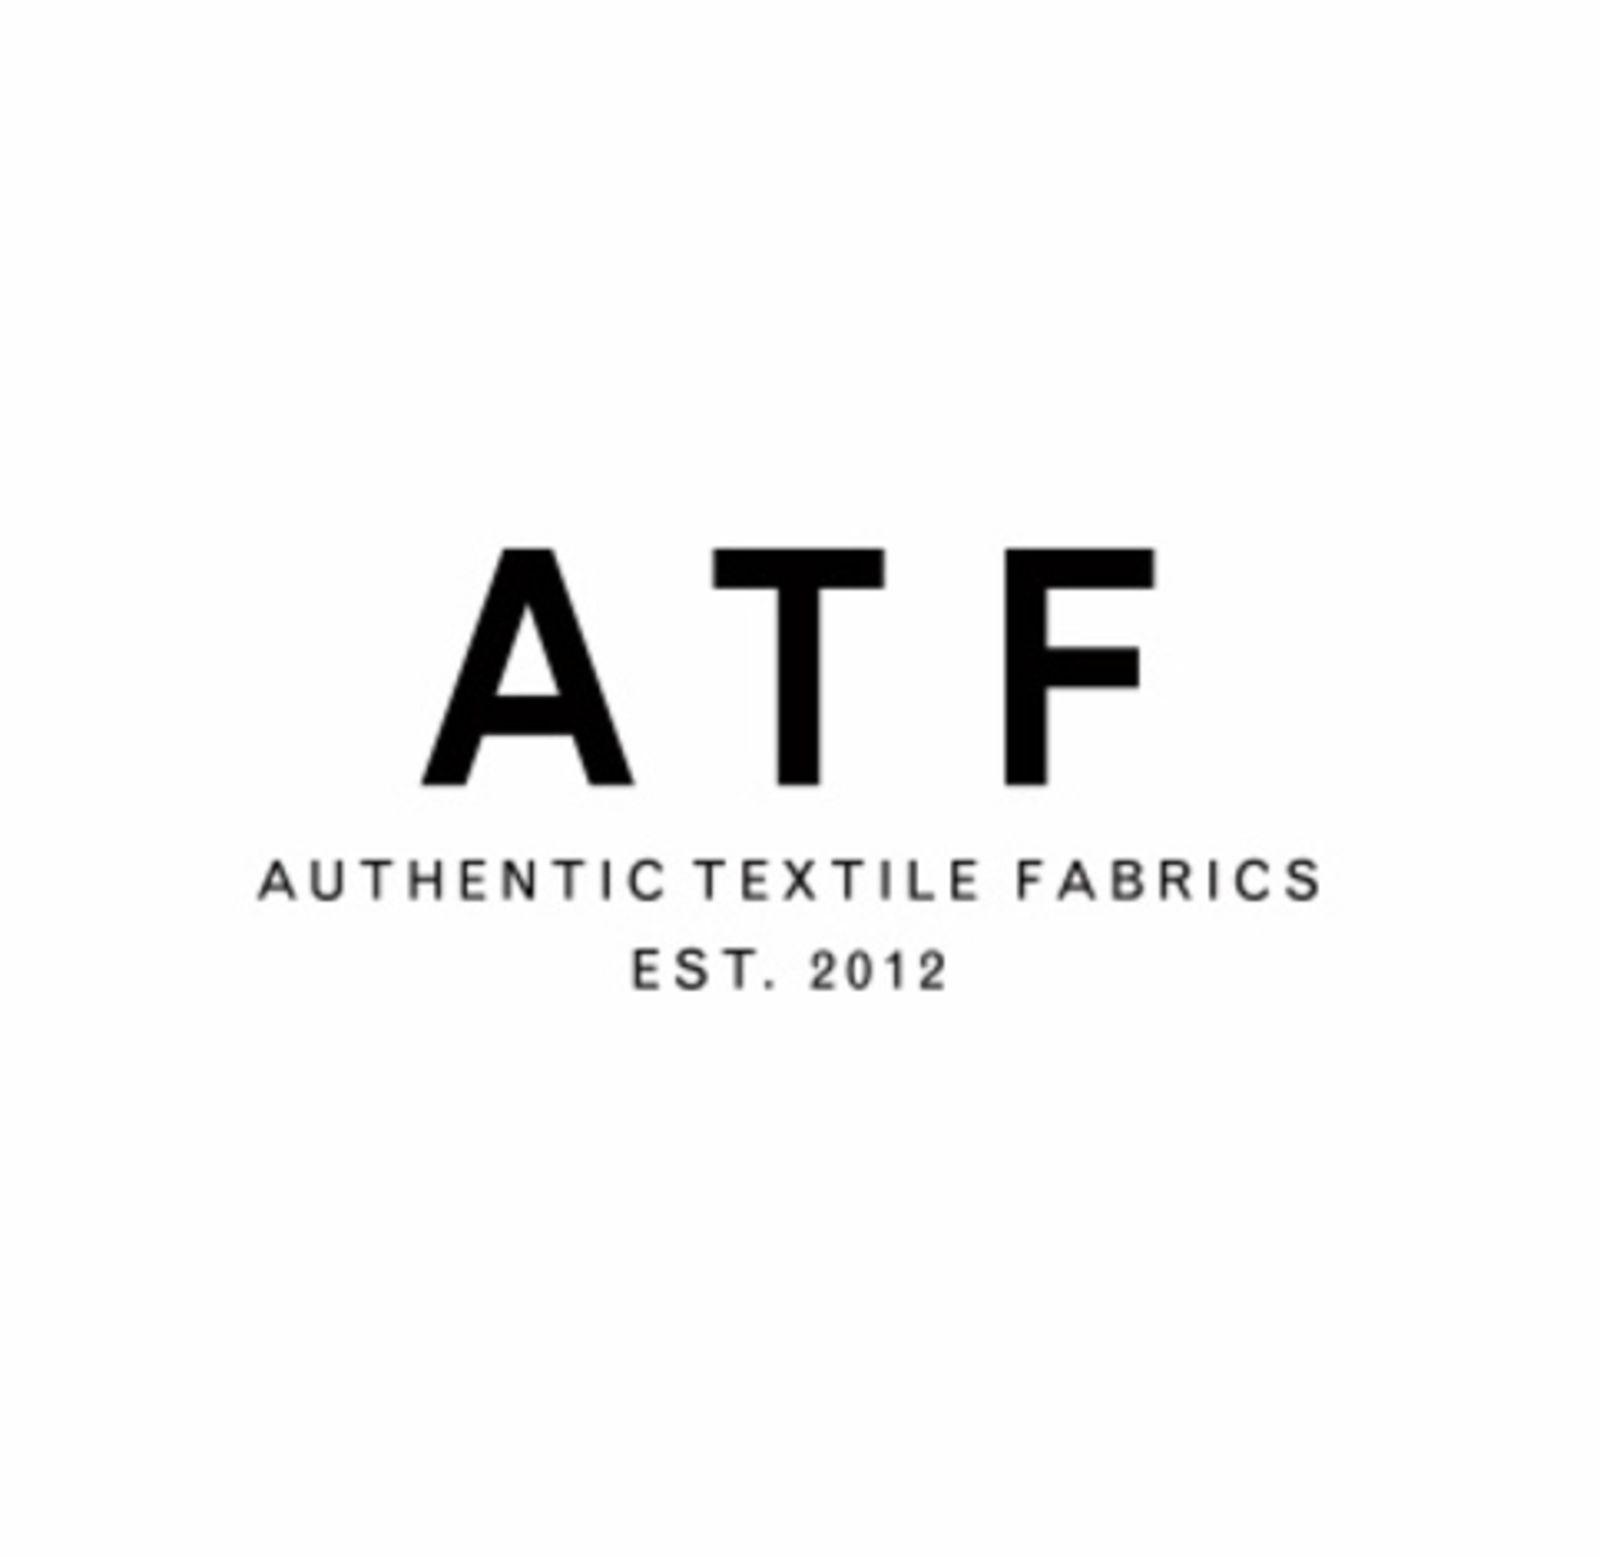 ATF (Bild 1)